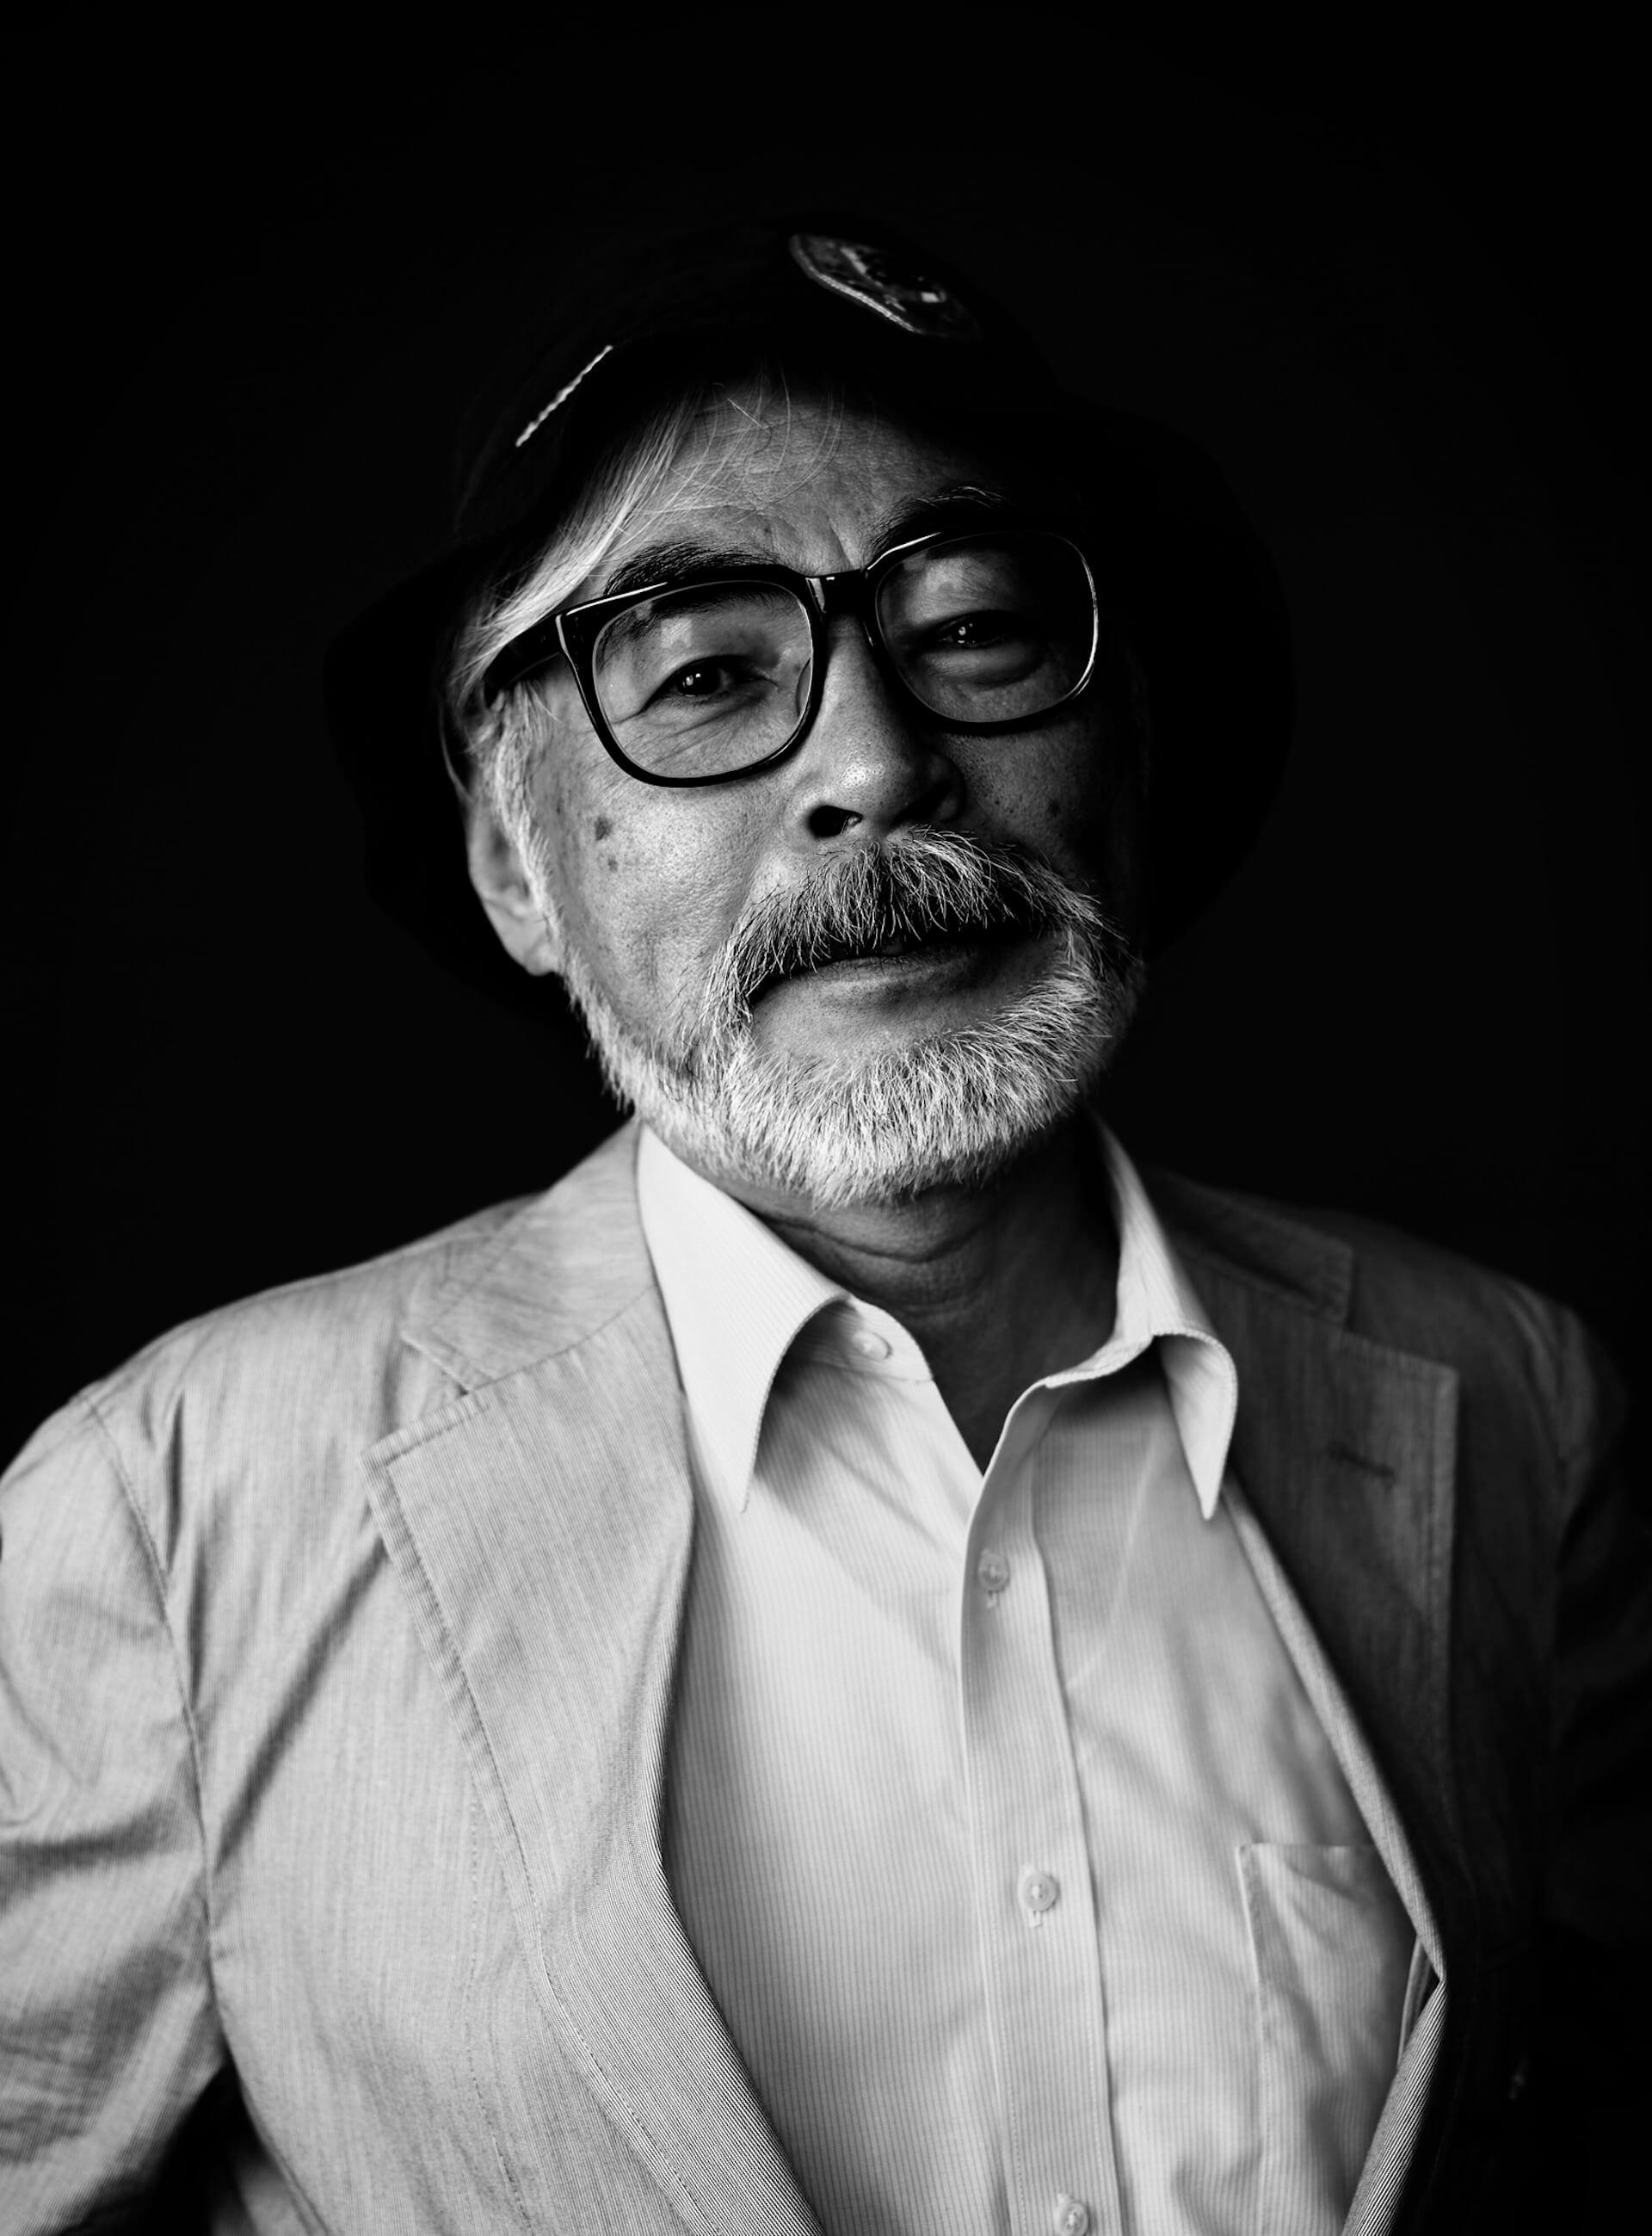 スタジオジブリとアカデミー映画博物館がコラボ!宮崎駿のキャリアを辿る<宮崎駿展>が開催決定&鈴木敏夫のコメントも到着 art200911_hayao-miyazaki_6-1920x2598